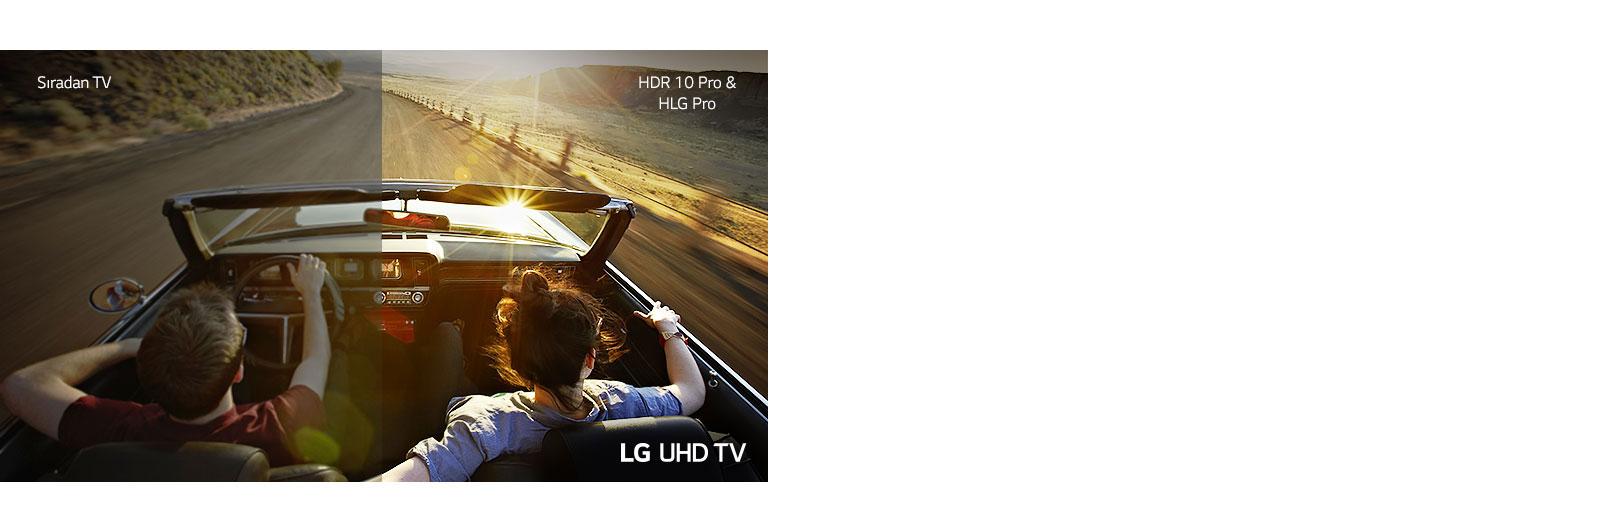 LG 49UN71006LB Bir yolda bir araba bir çift. Yarısı düşük görüntü kalitesiyle gösterilen geleneksel bir ekranda gösterilir. Diğer yarısı ise canlı, canlı LG UHD TV görüntü kalitesiyle gösterilmiştir.